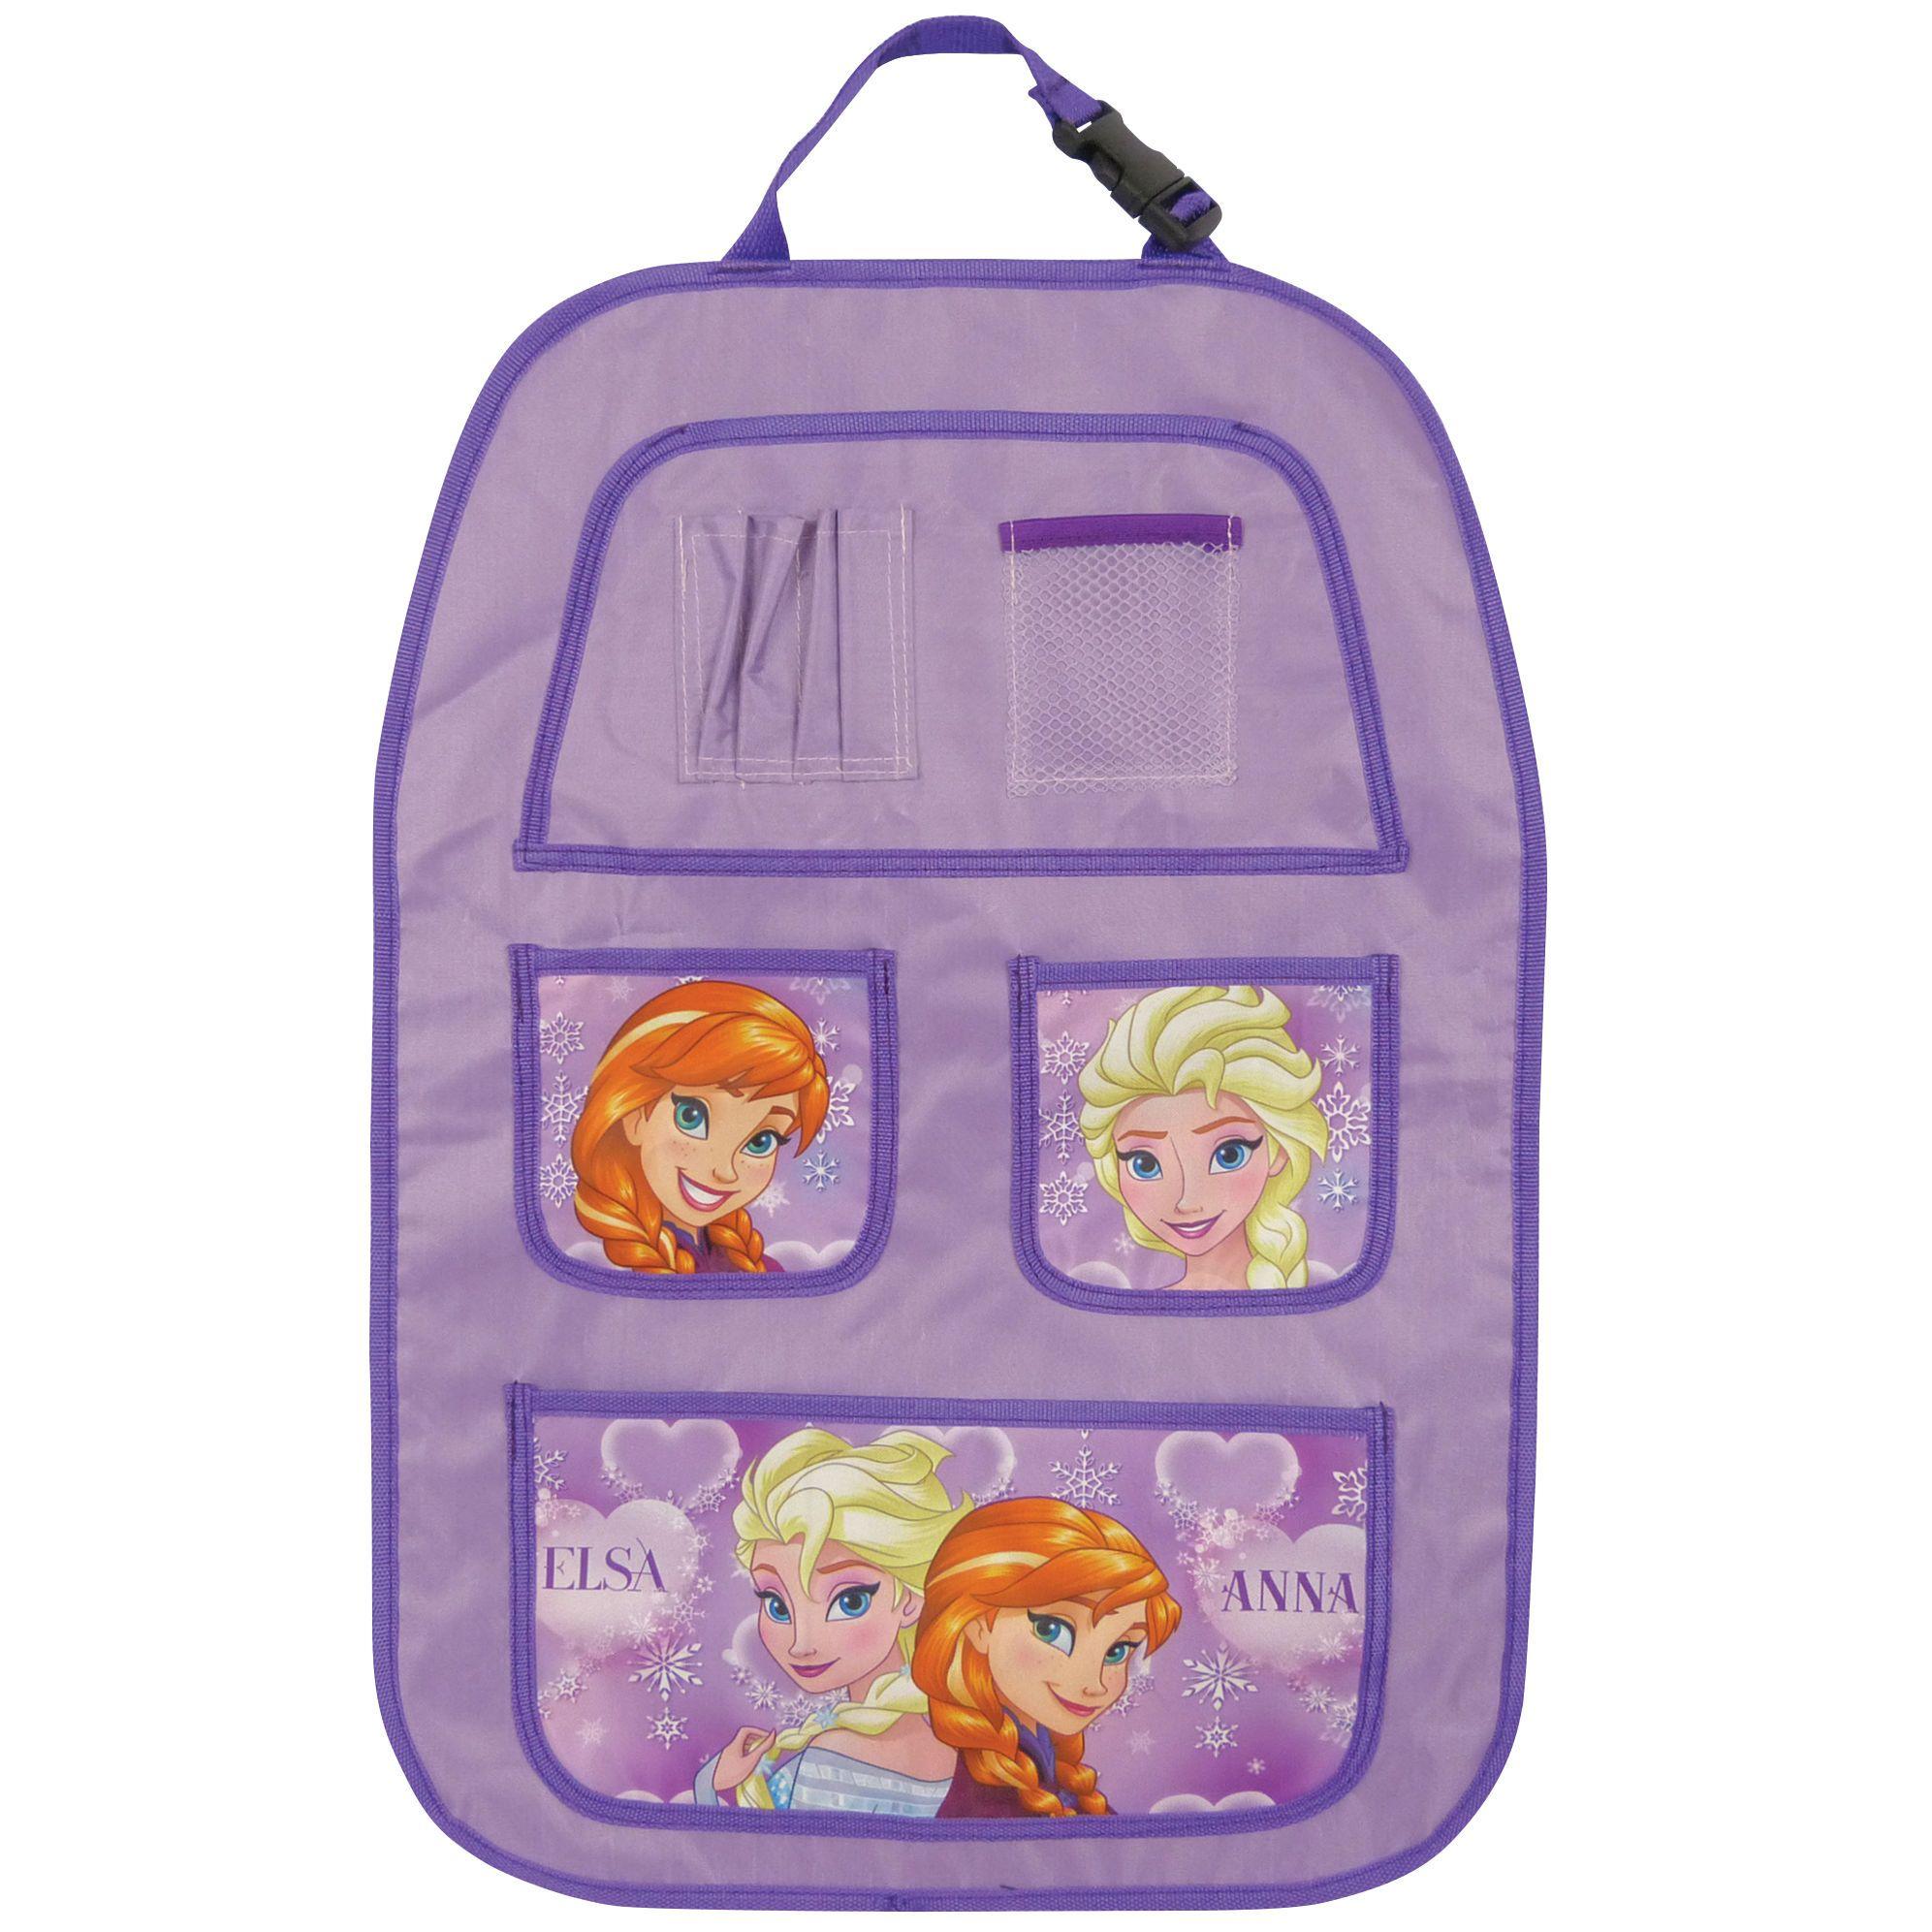 Image of Ryglænspose til bilen - Anna & Elsa (131730)